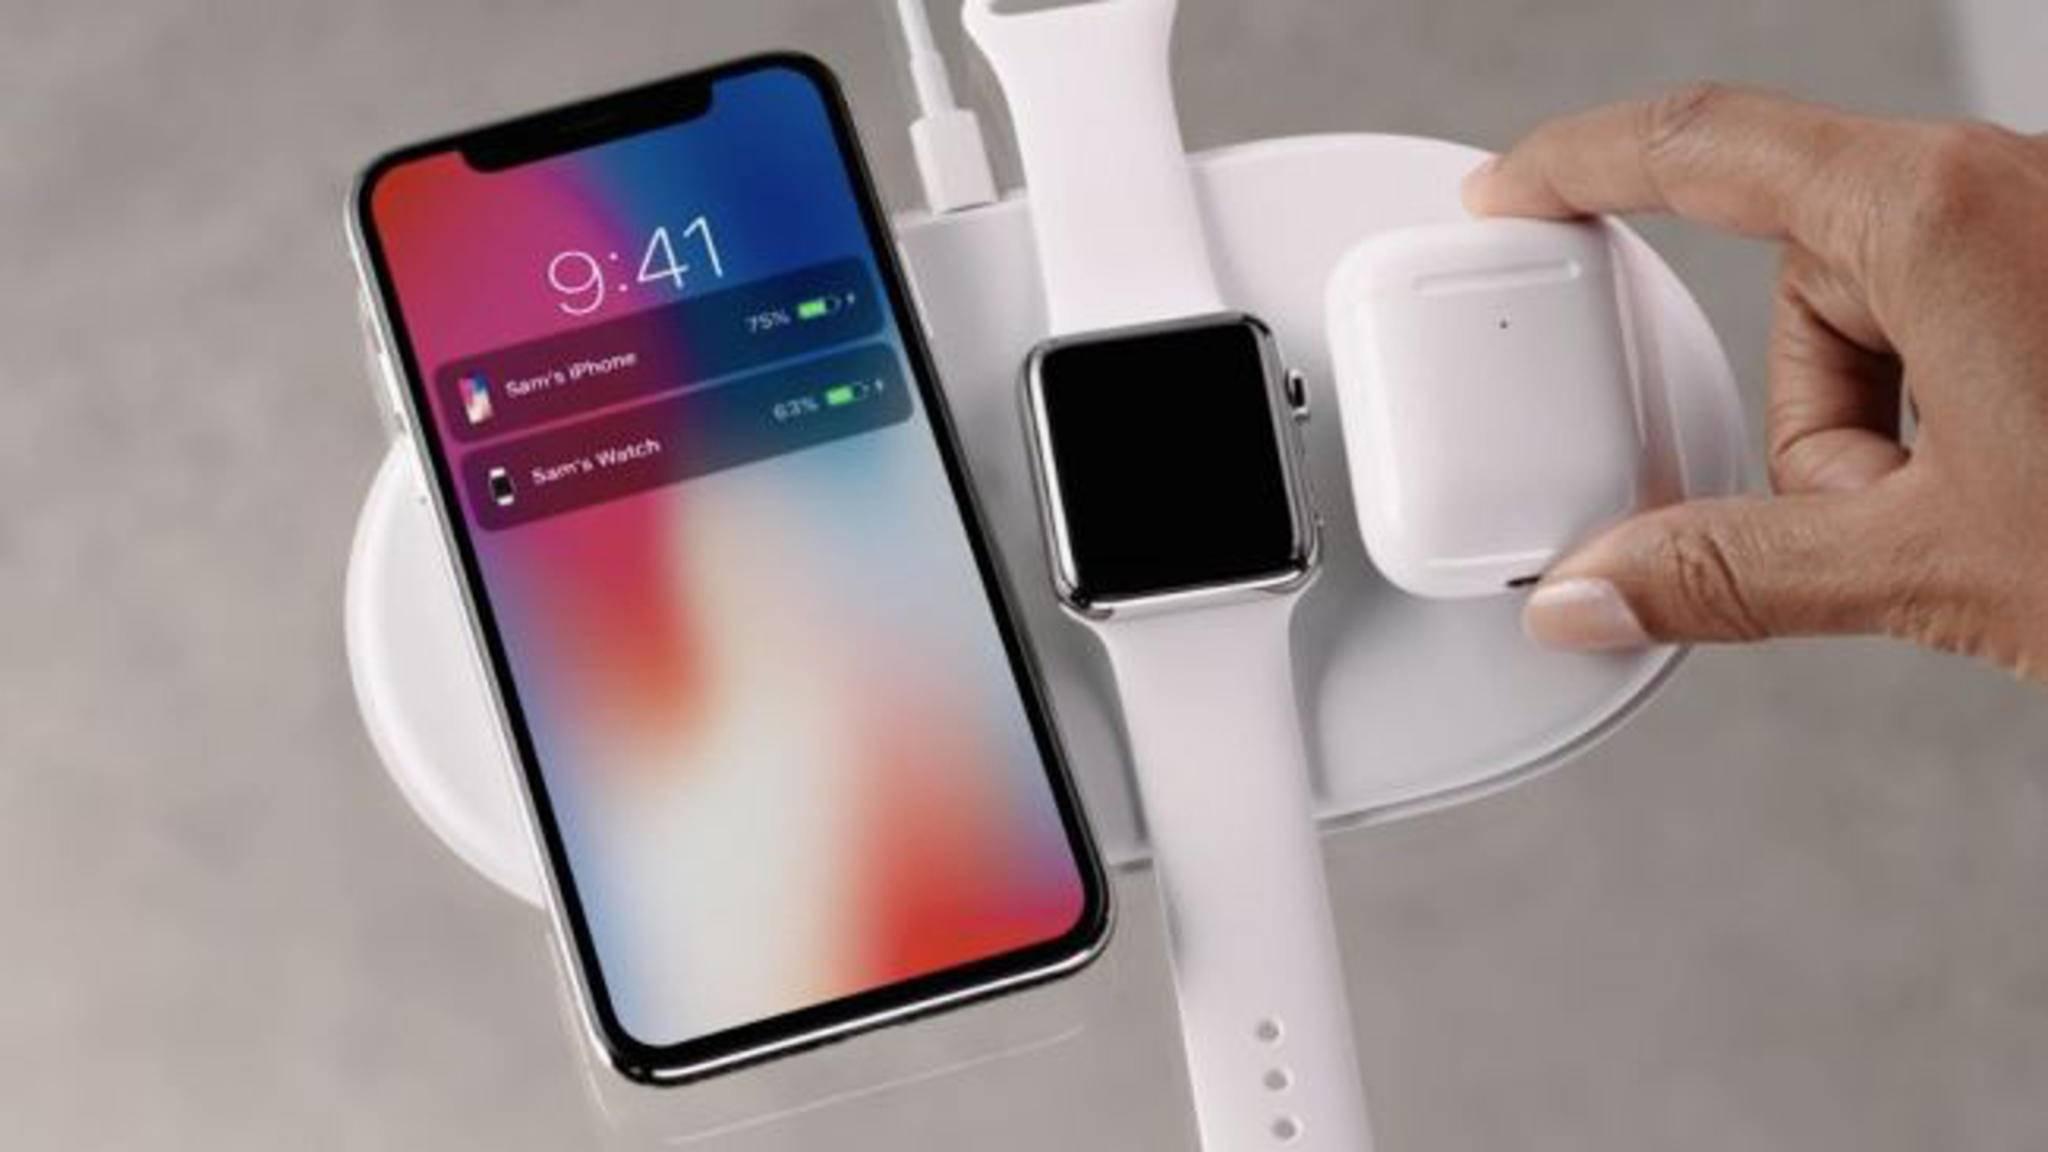 Mit AirPower können mehrere Apple-Geräte gleichzeitig geladen werden.